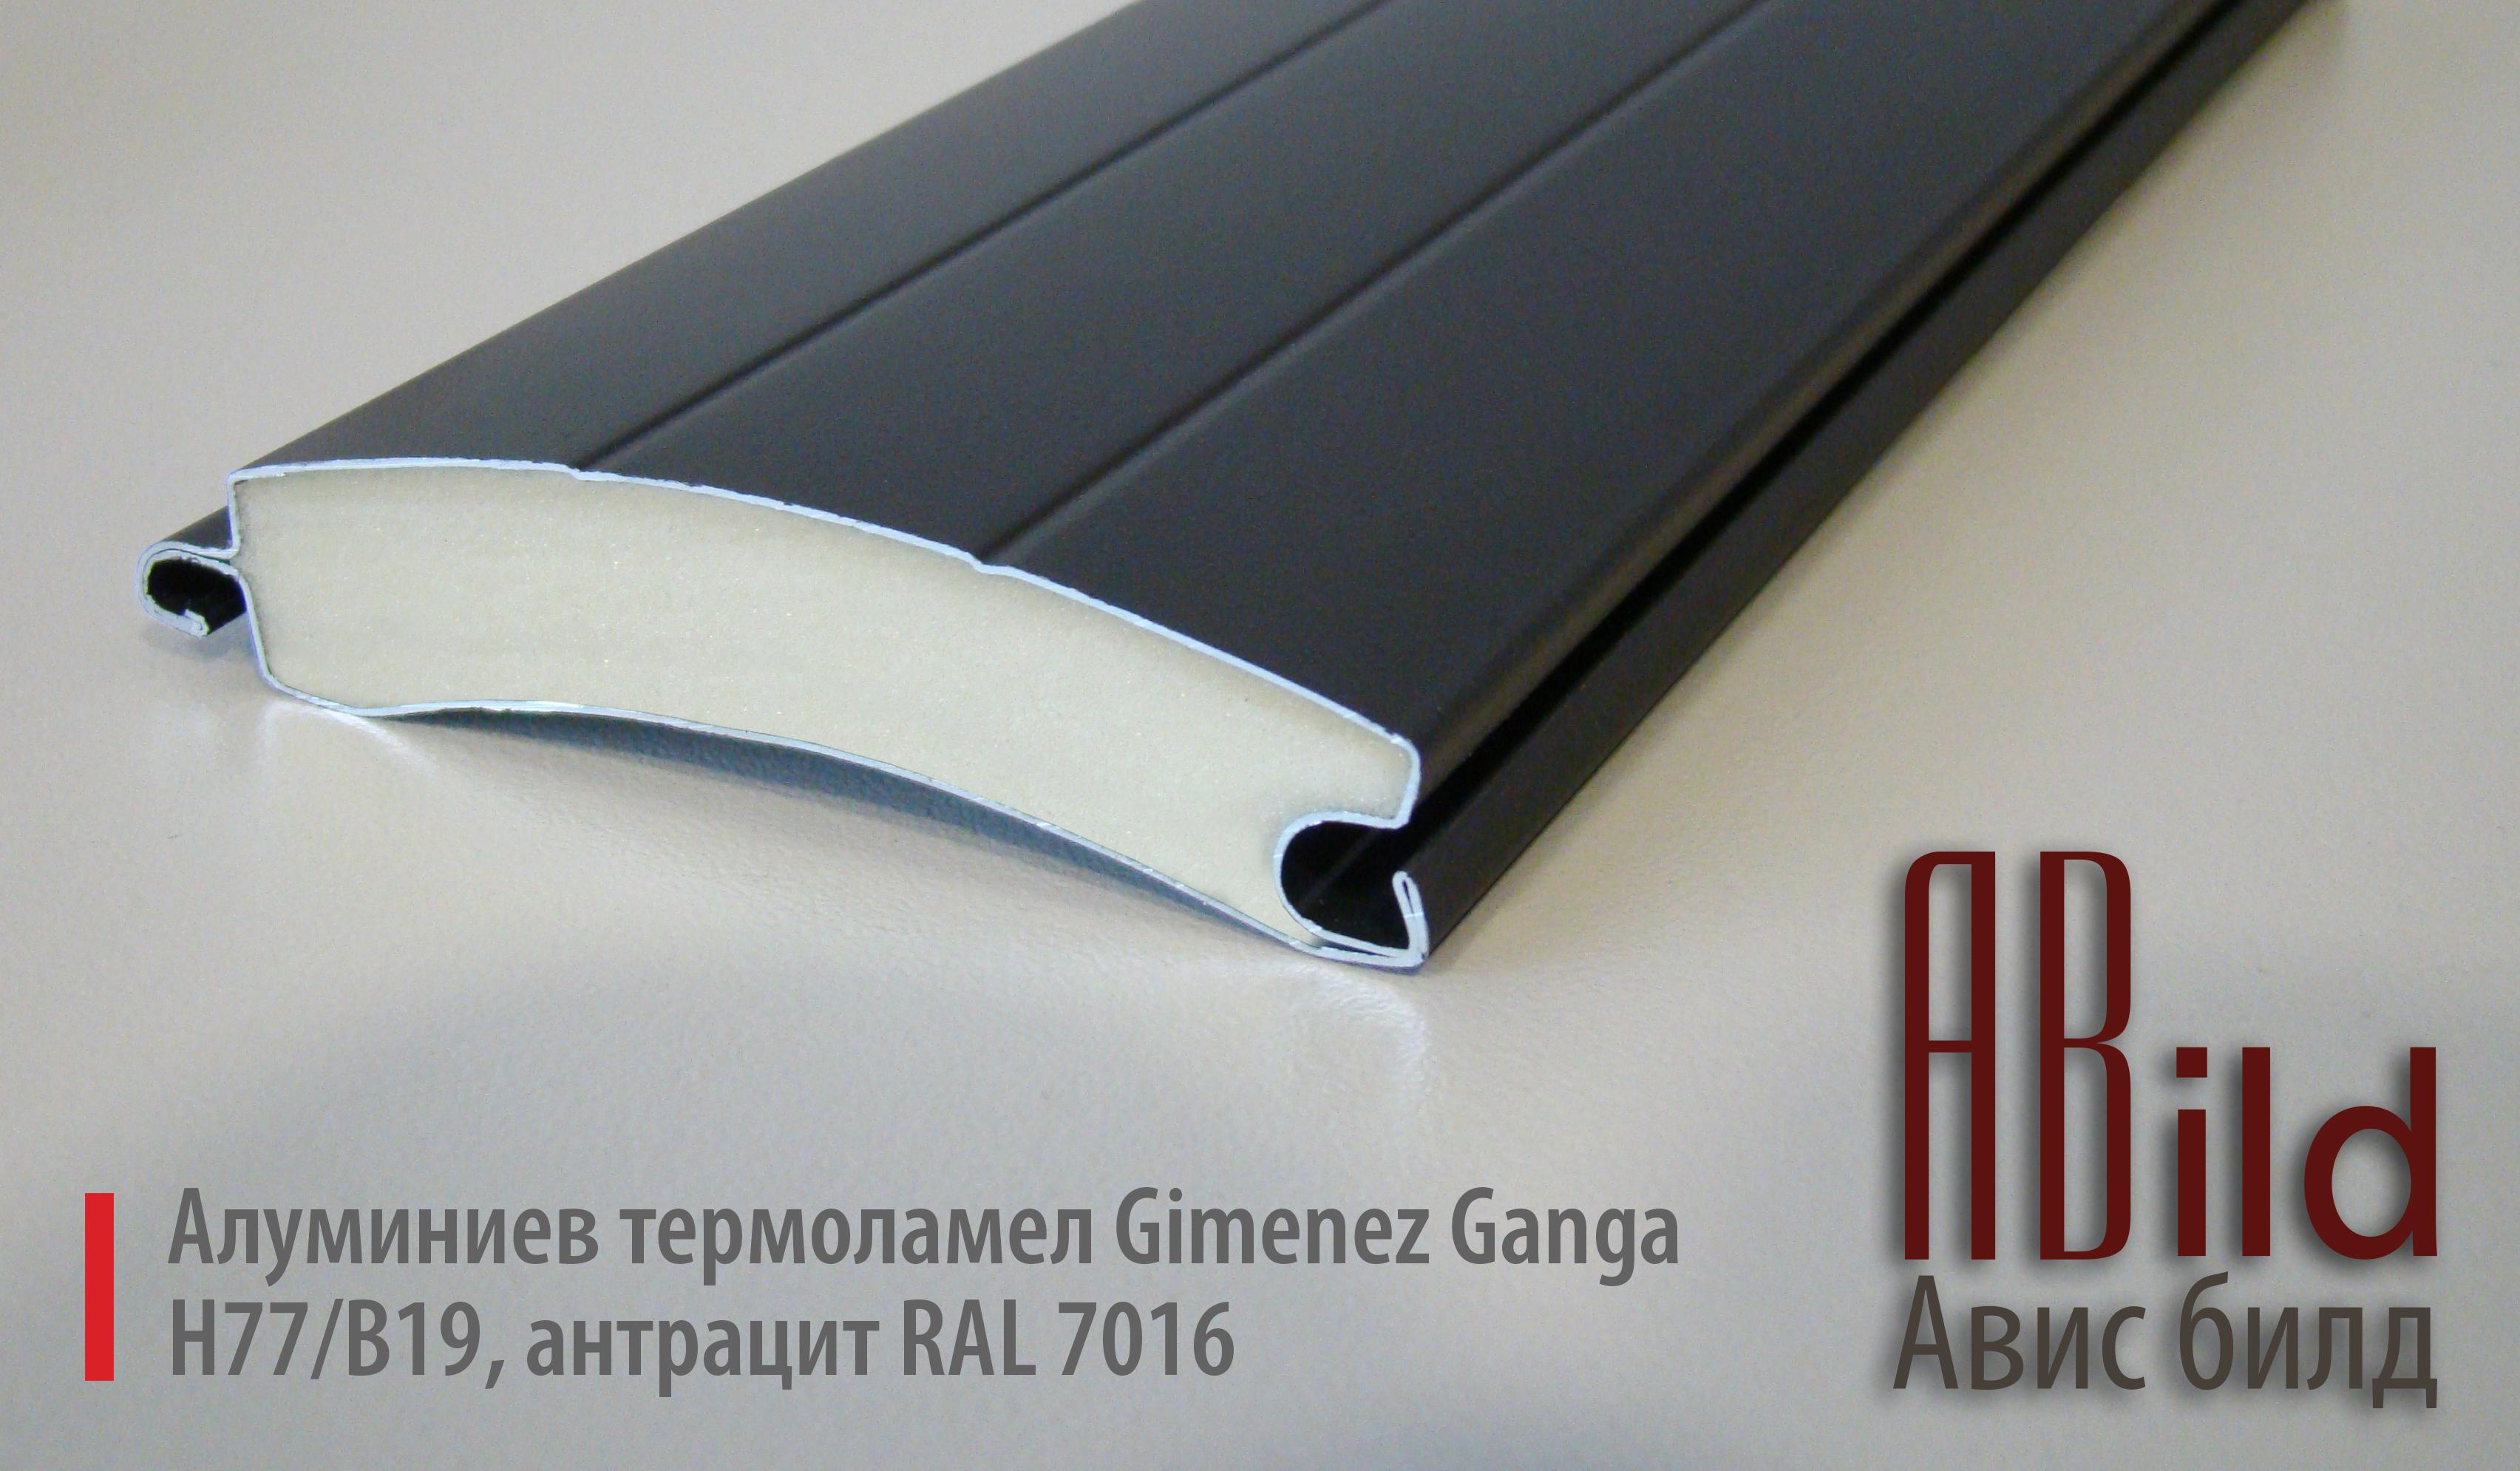 Топлоизолация при ролетните врати. Алуминиев термоламел RAL 7016